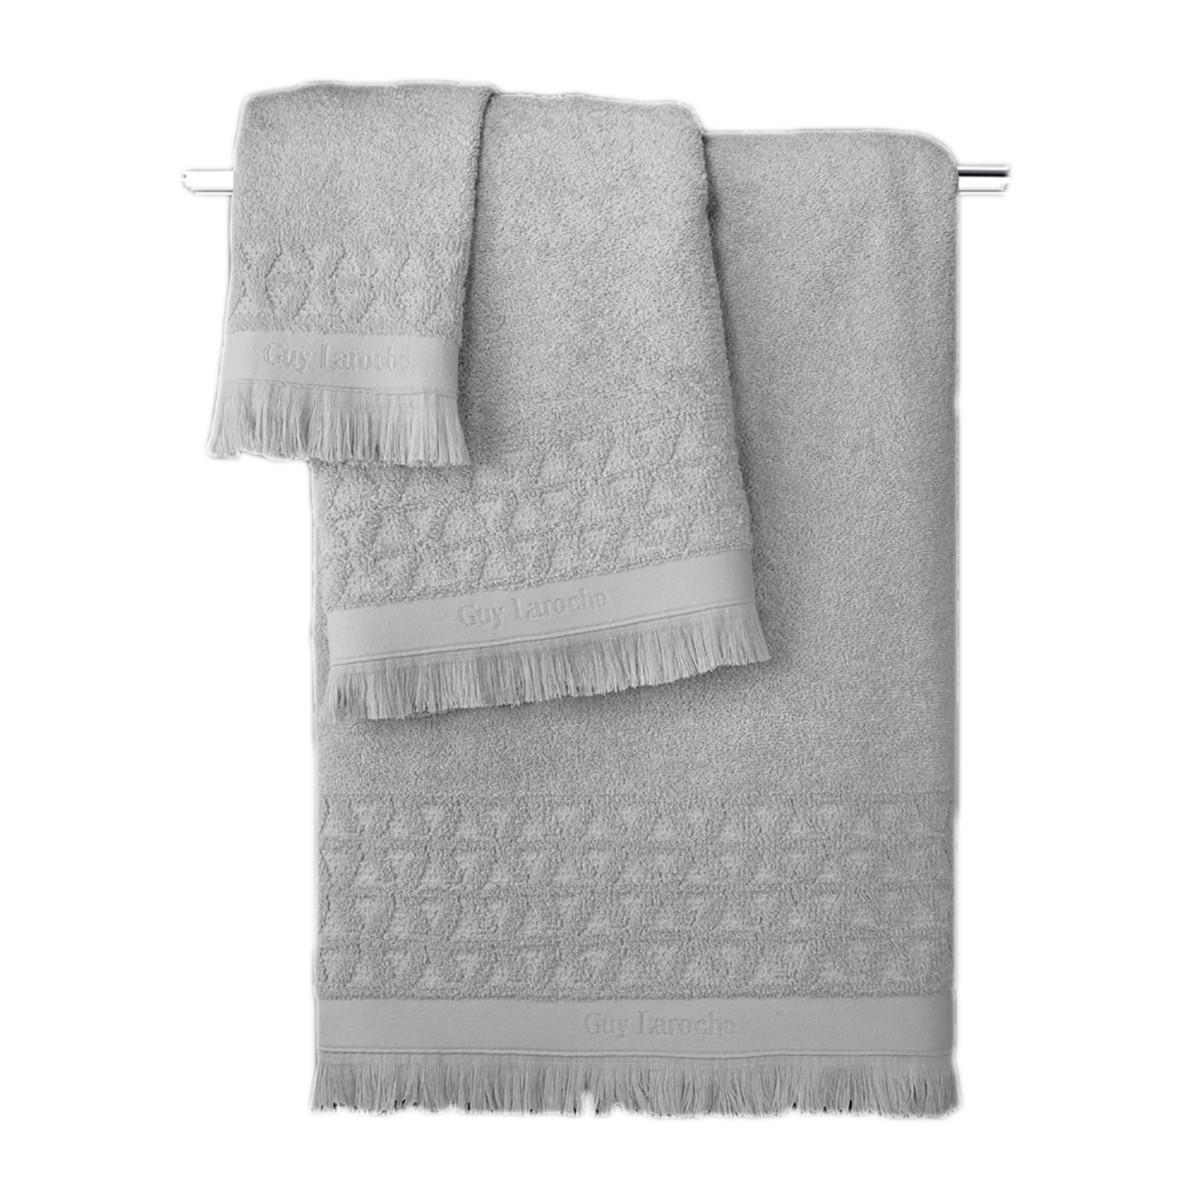 Πετσέτες Μπάνιου (Σετ 3τμχ) Guy Laroche Vergo Grey